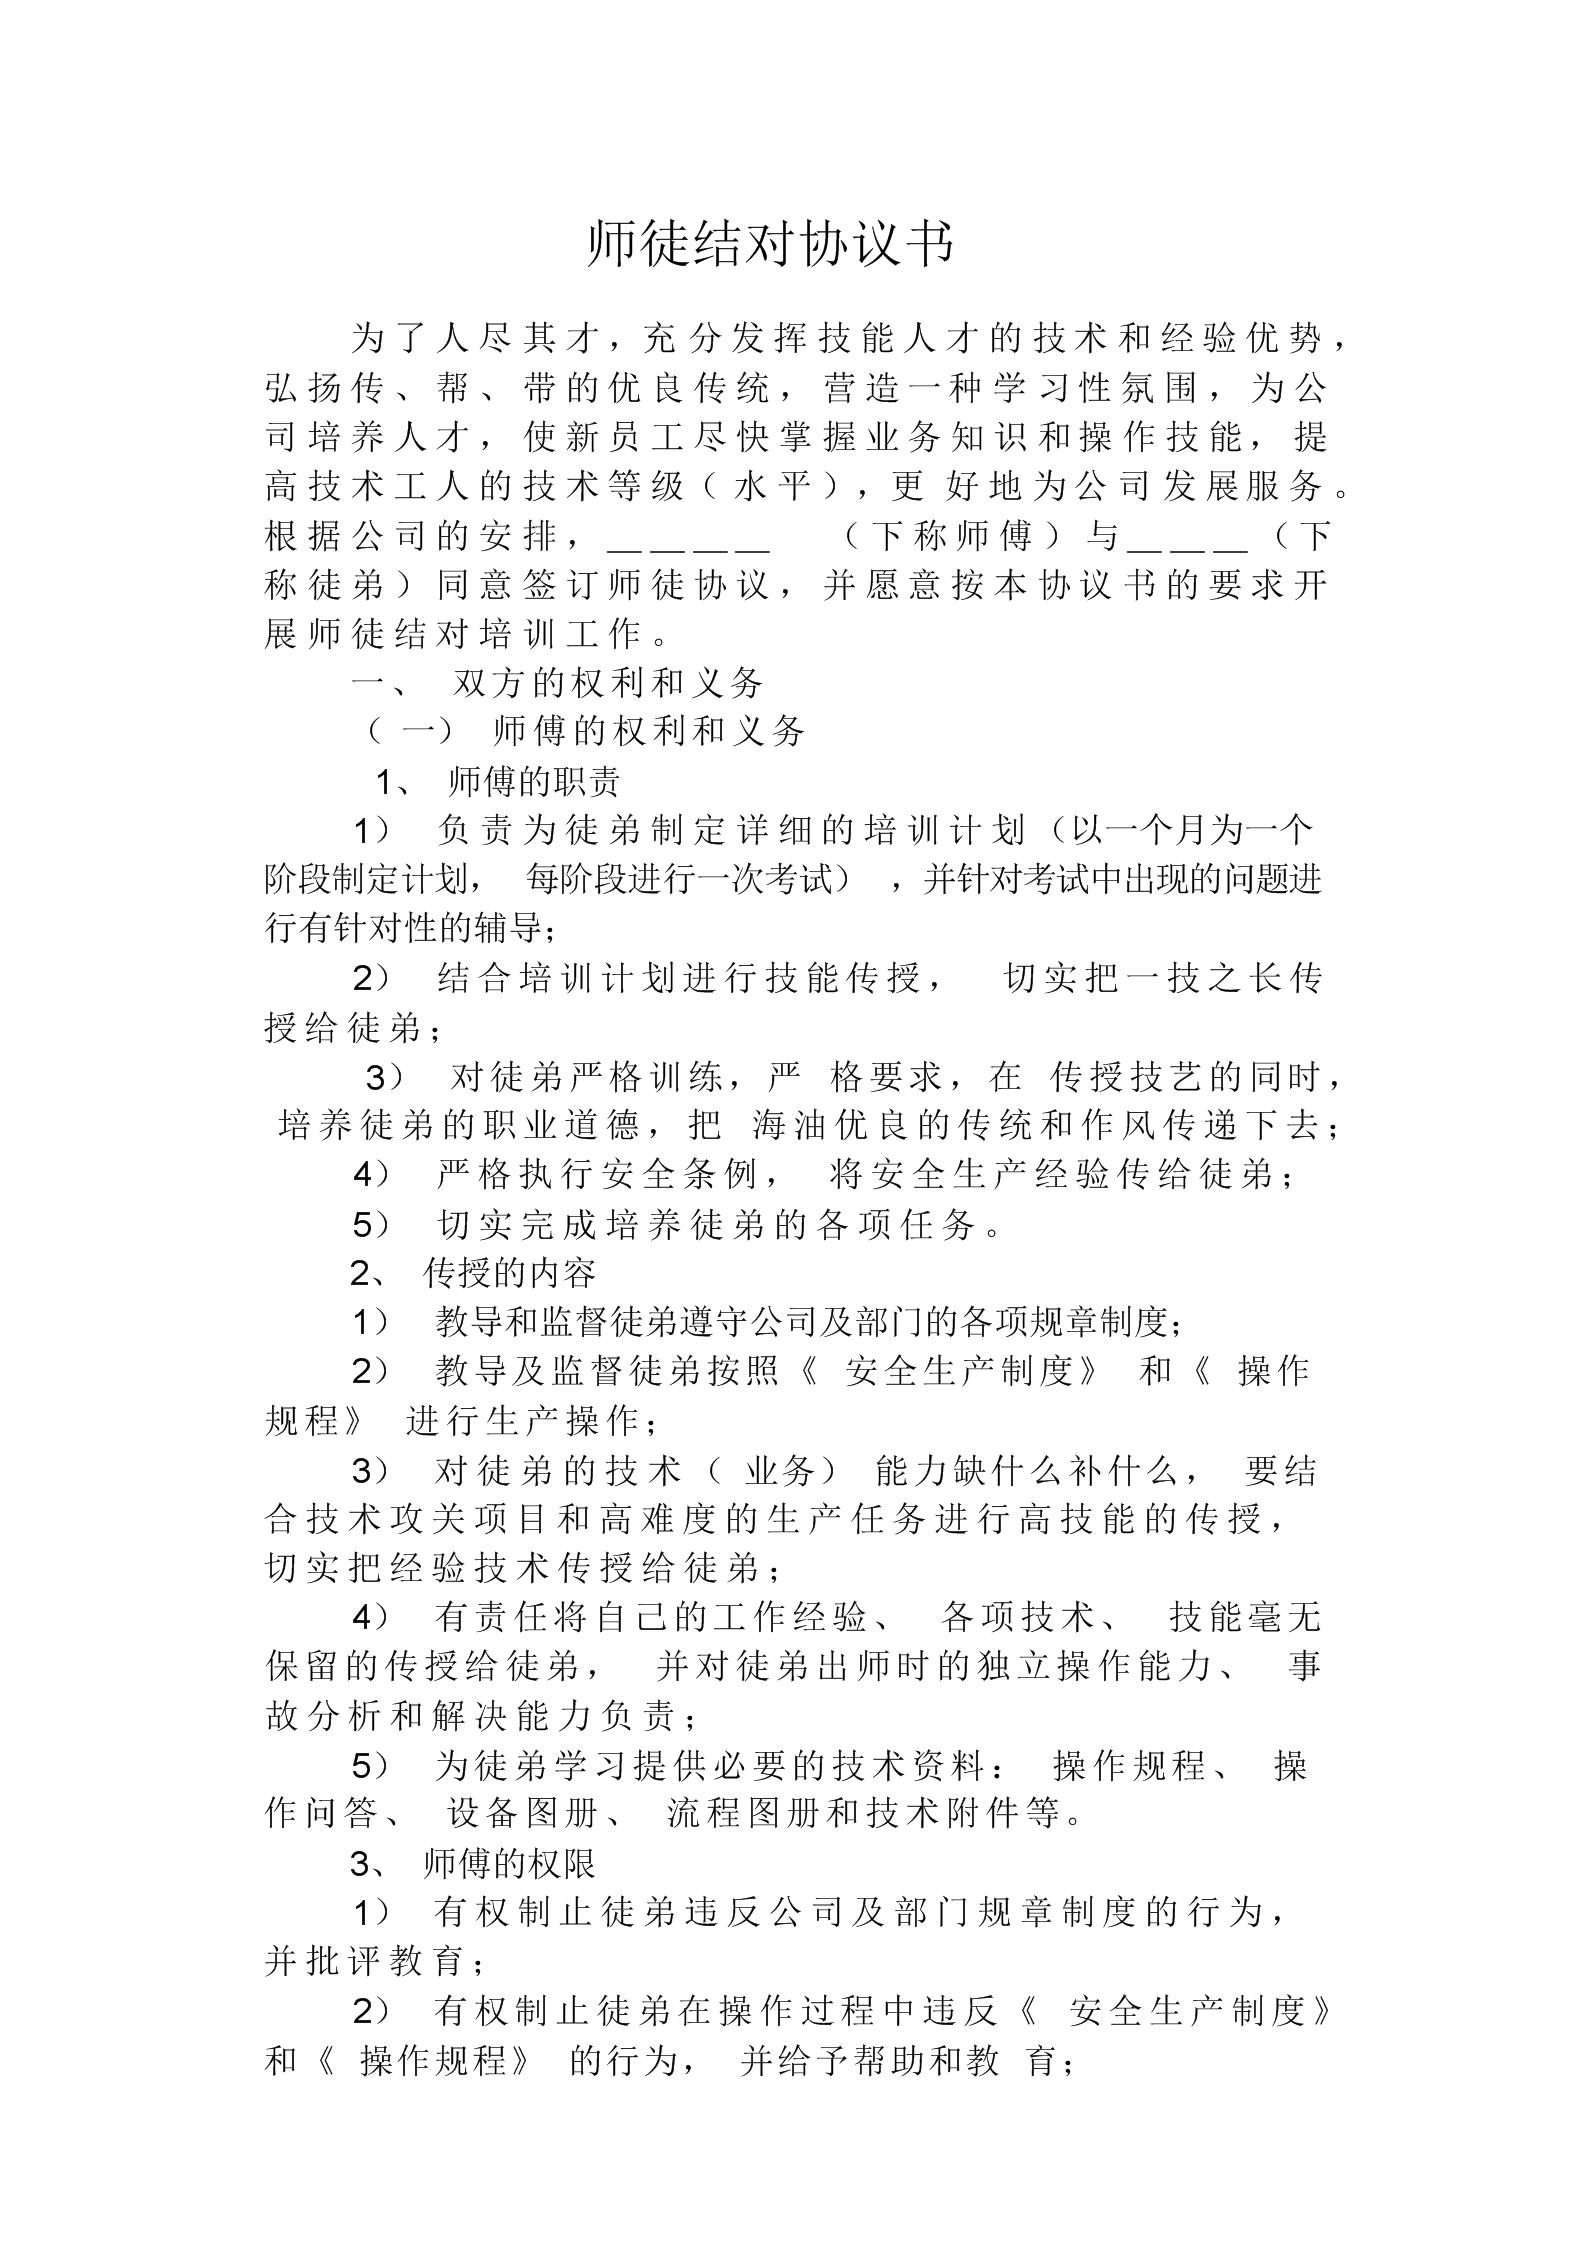 (完整版)师徒协议书(版本一).doc